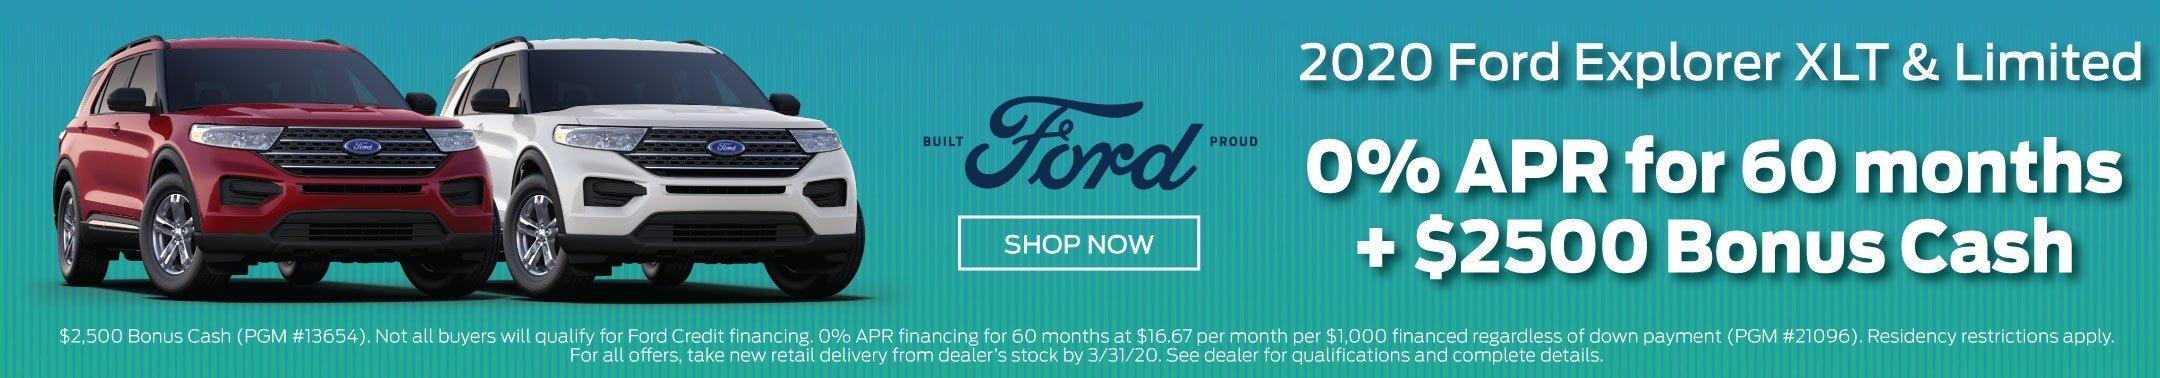 2019 Ford Explorer Offer 2-2020